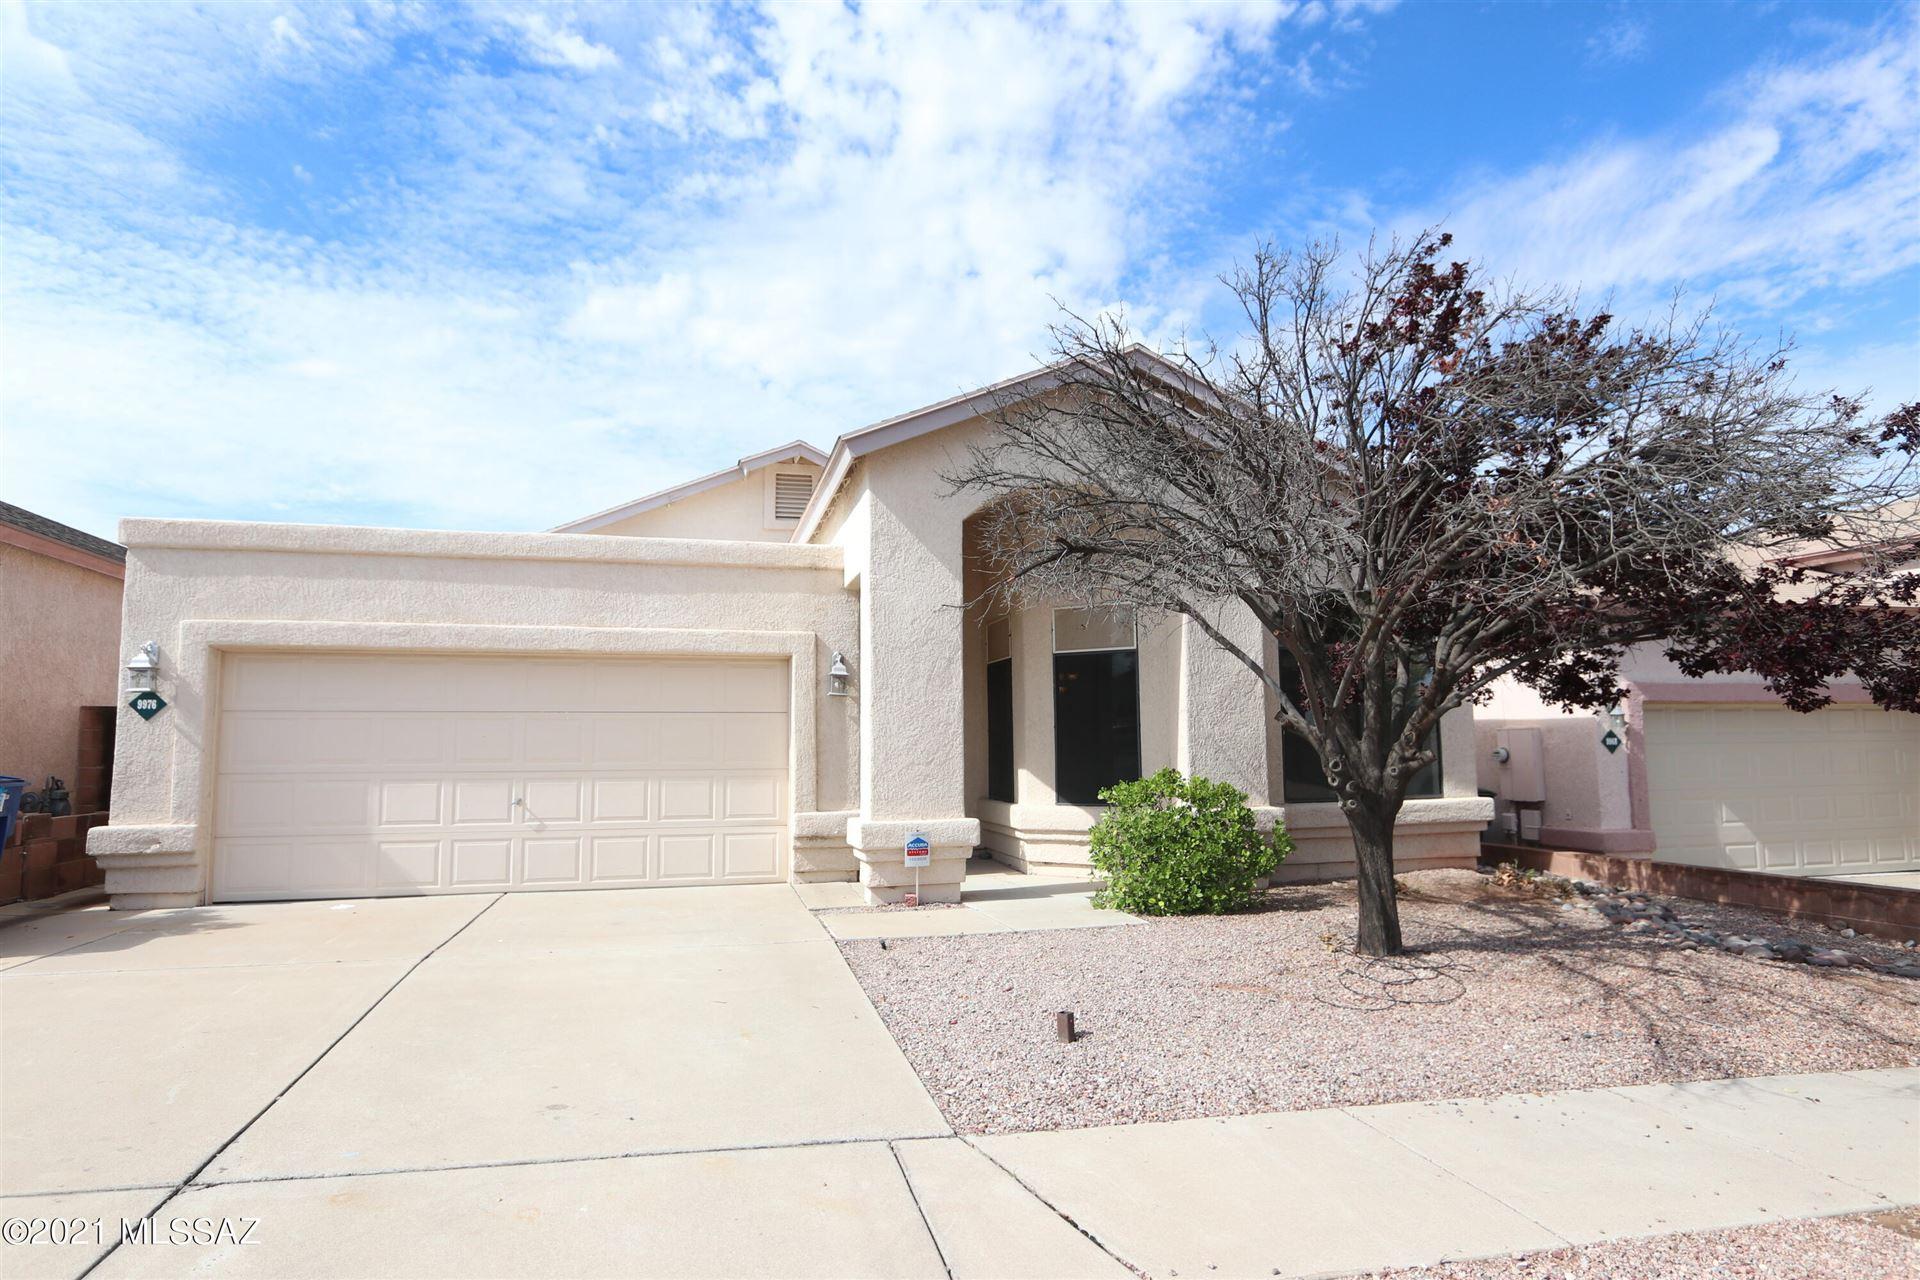 9976 E Via Del Pasto, Tucson, AZ 85747 - MLS#: 22119259